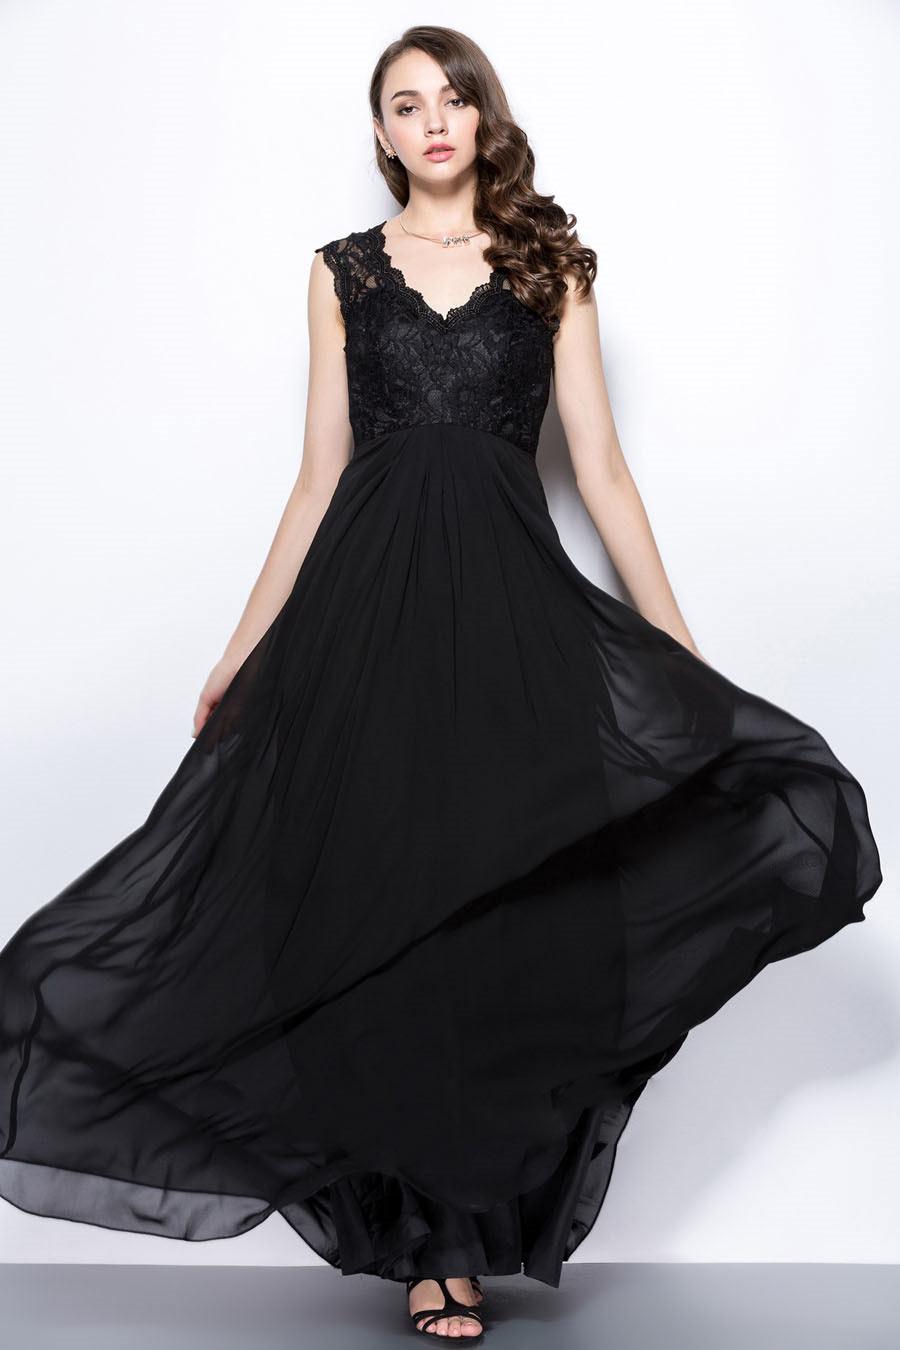 Robe longue de soir e noire dos ajour haut en dentelle for Robes longues pour mariage cravate noire